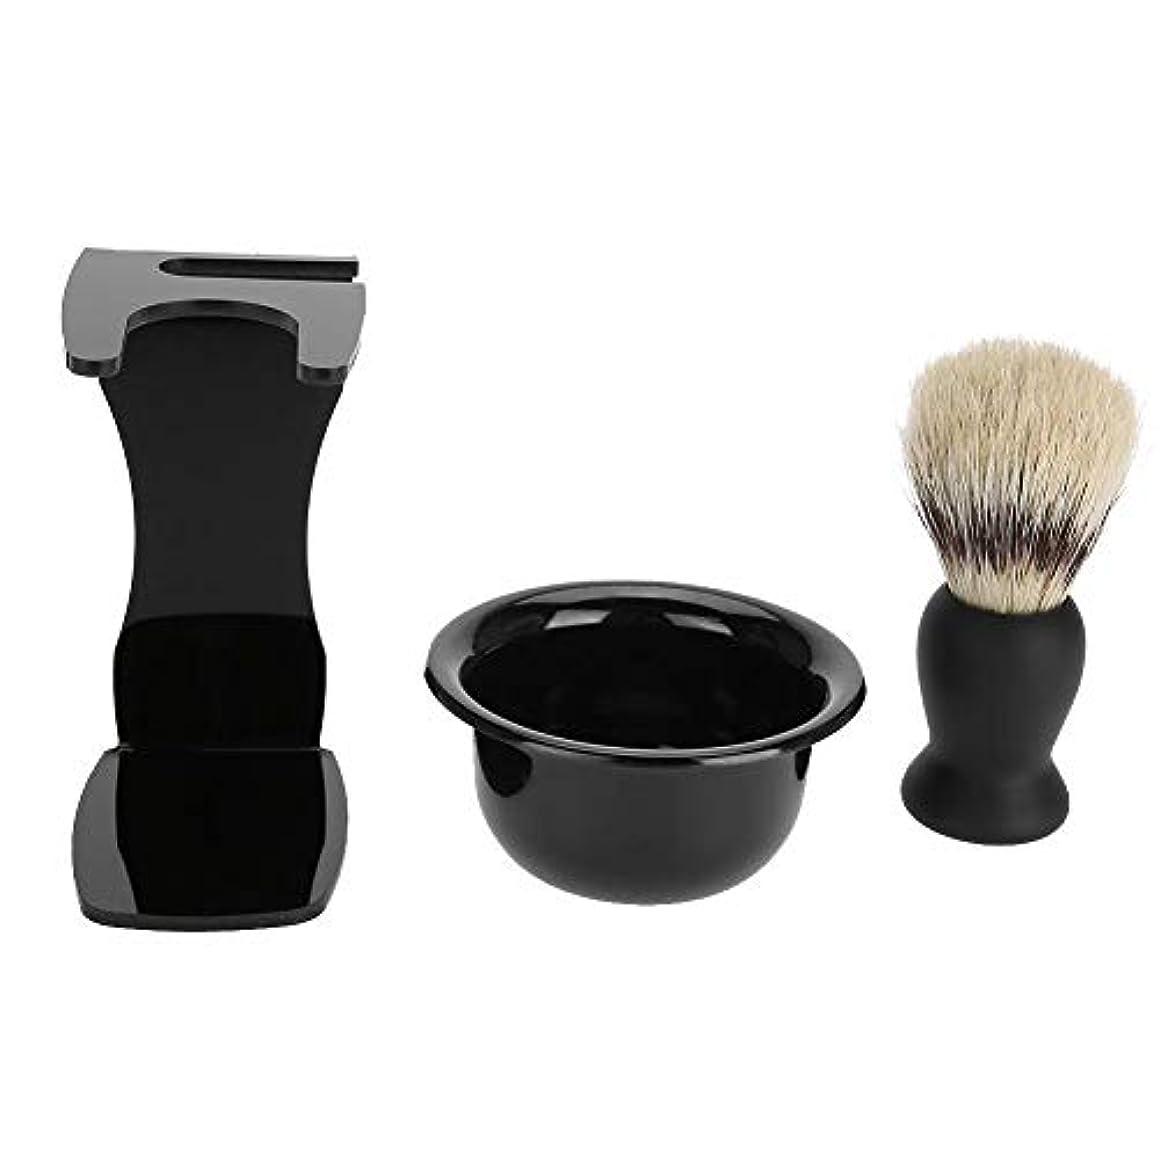 欠点先行する残る3に1メンズシェービングセットブラシスタンドソープボウル髭剃りホルダーアクリルクリーニングツール